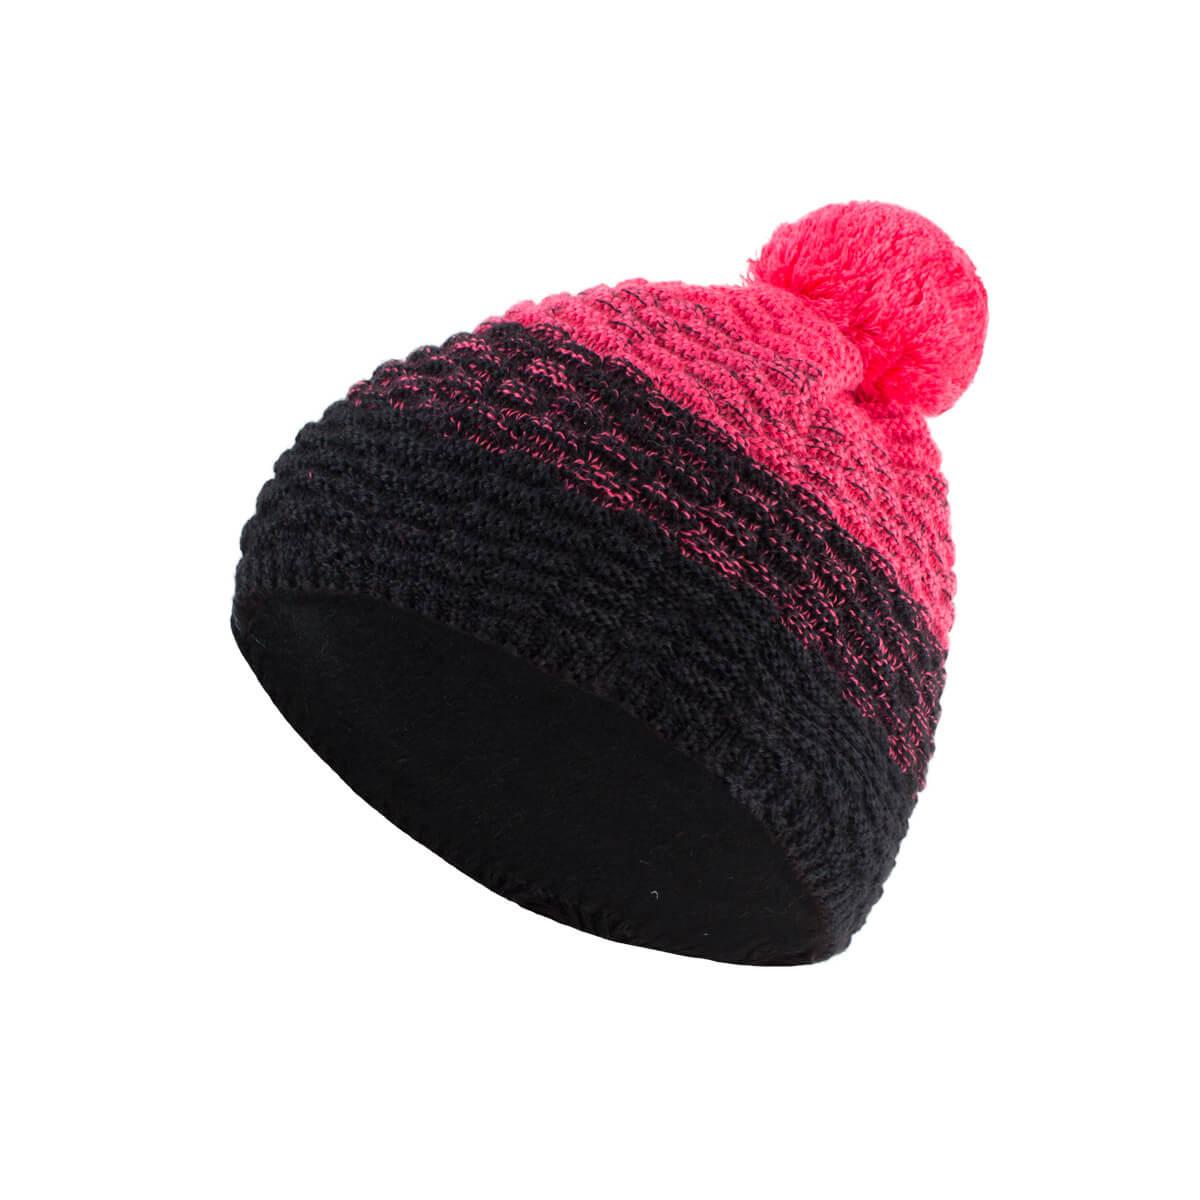 2a94e625d Detská čiapka Zajo Vera Kids Beanie ružová - veľkosť L